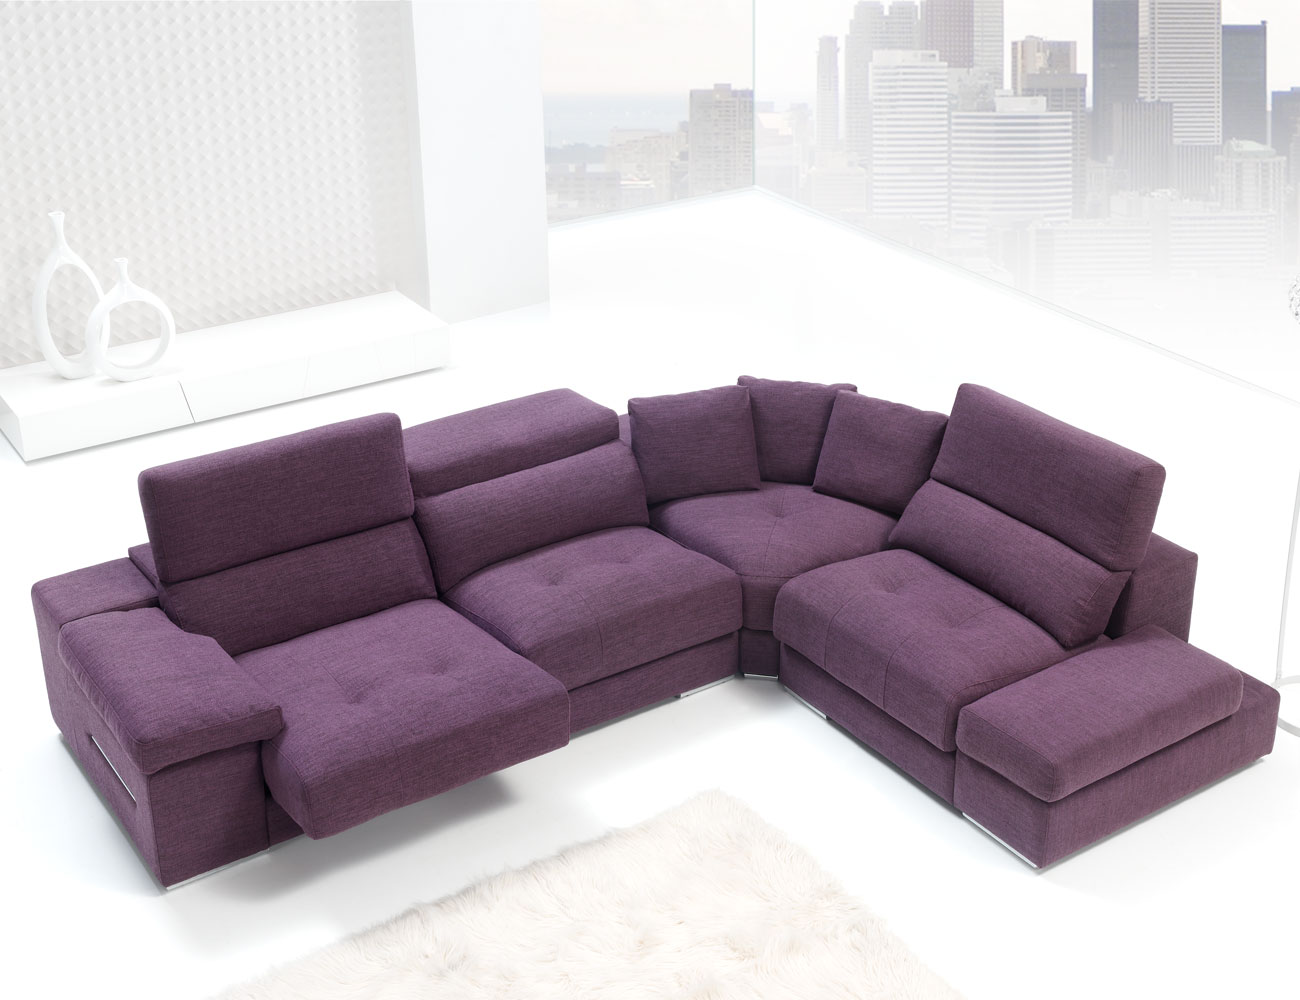 Sofa chaiselongue rincon con brazo mecanico tejido anti manchas 249